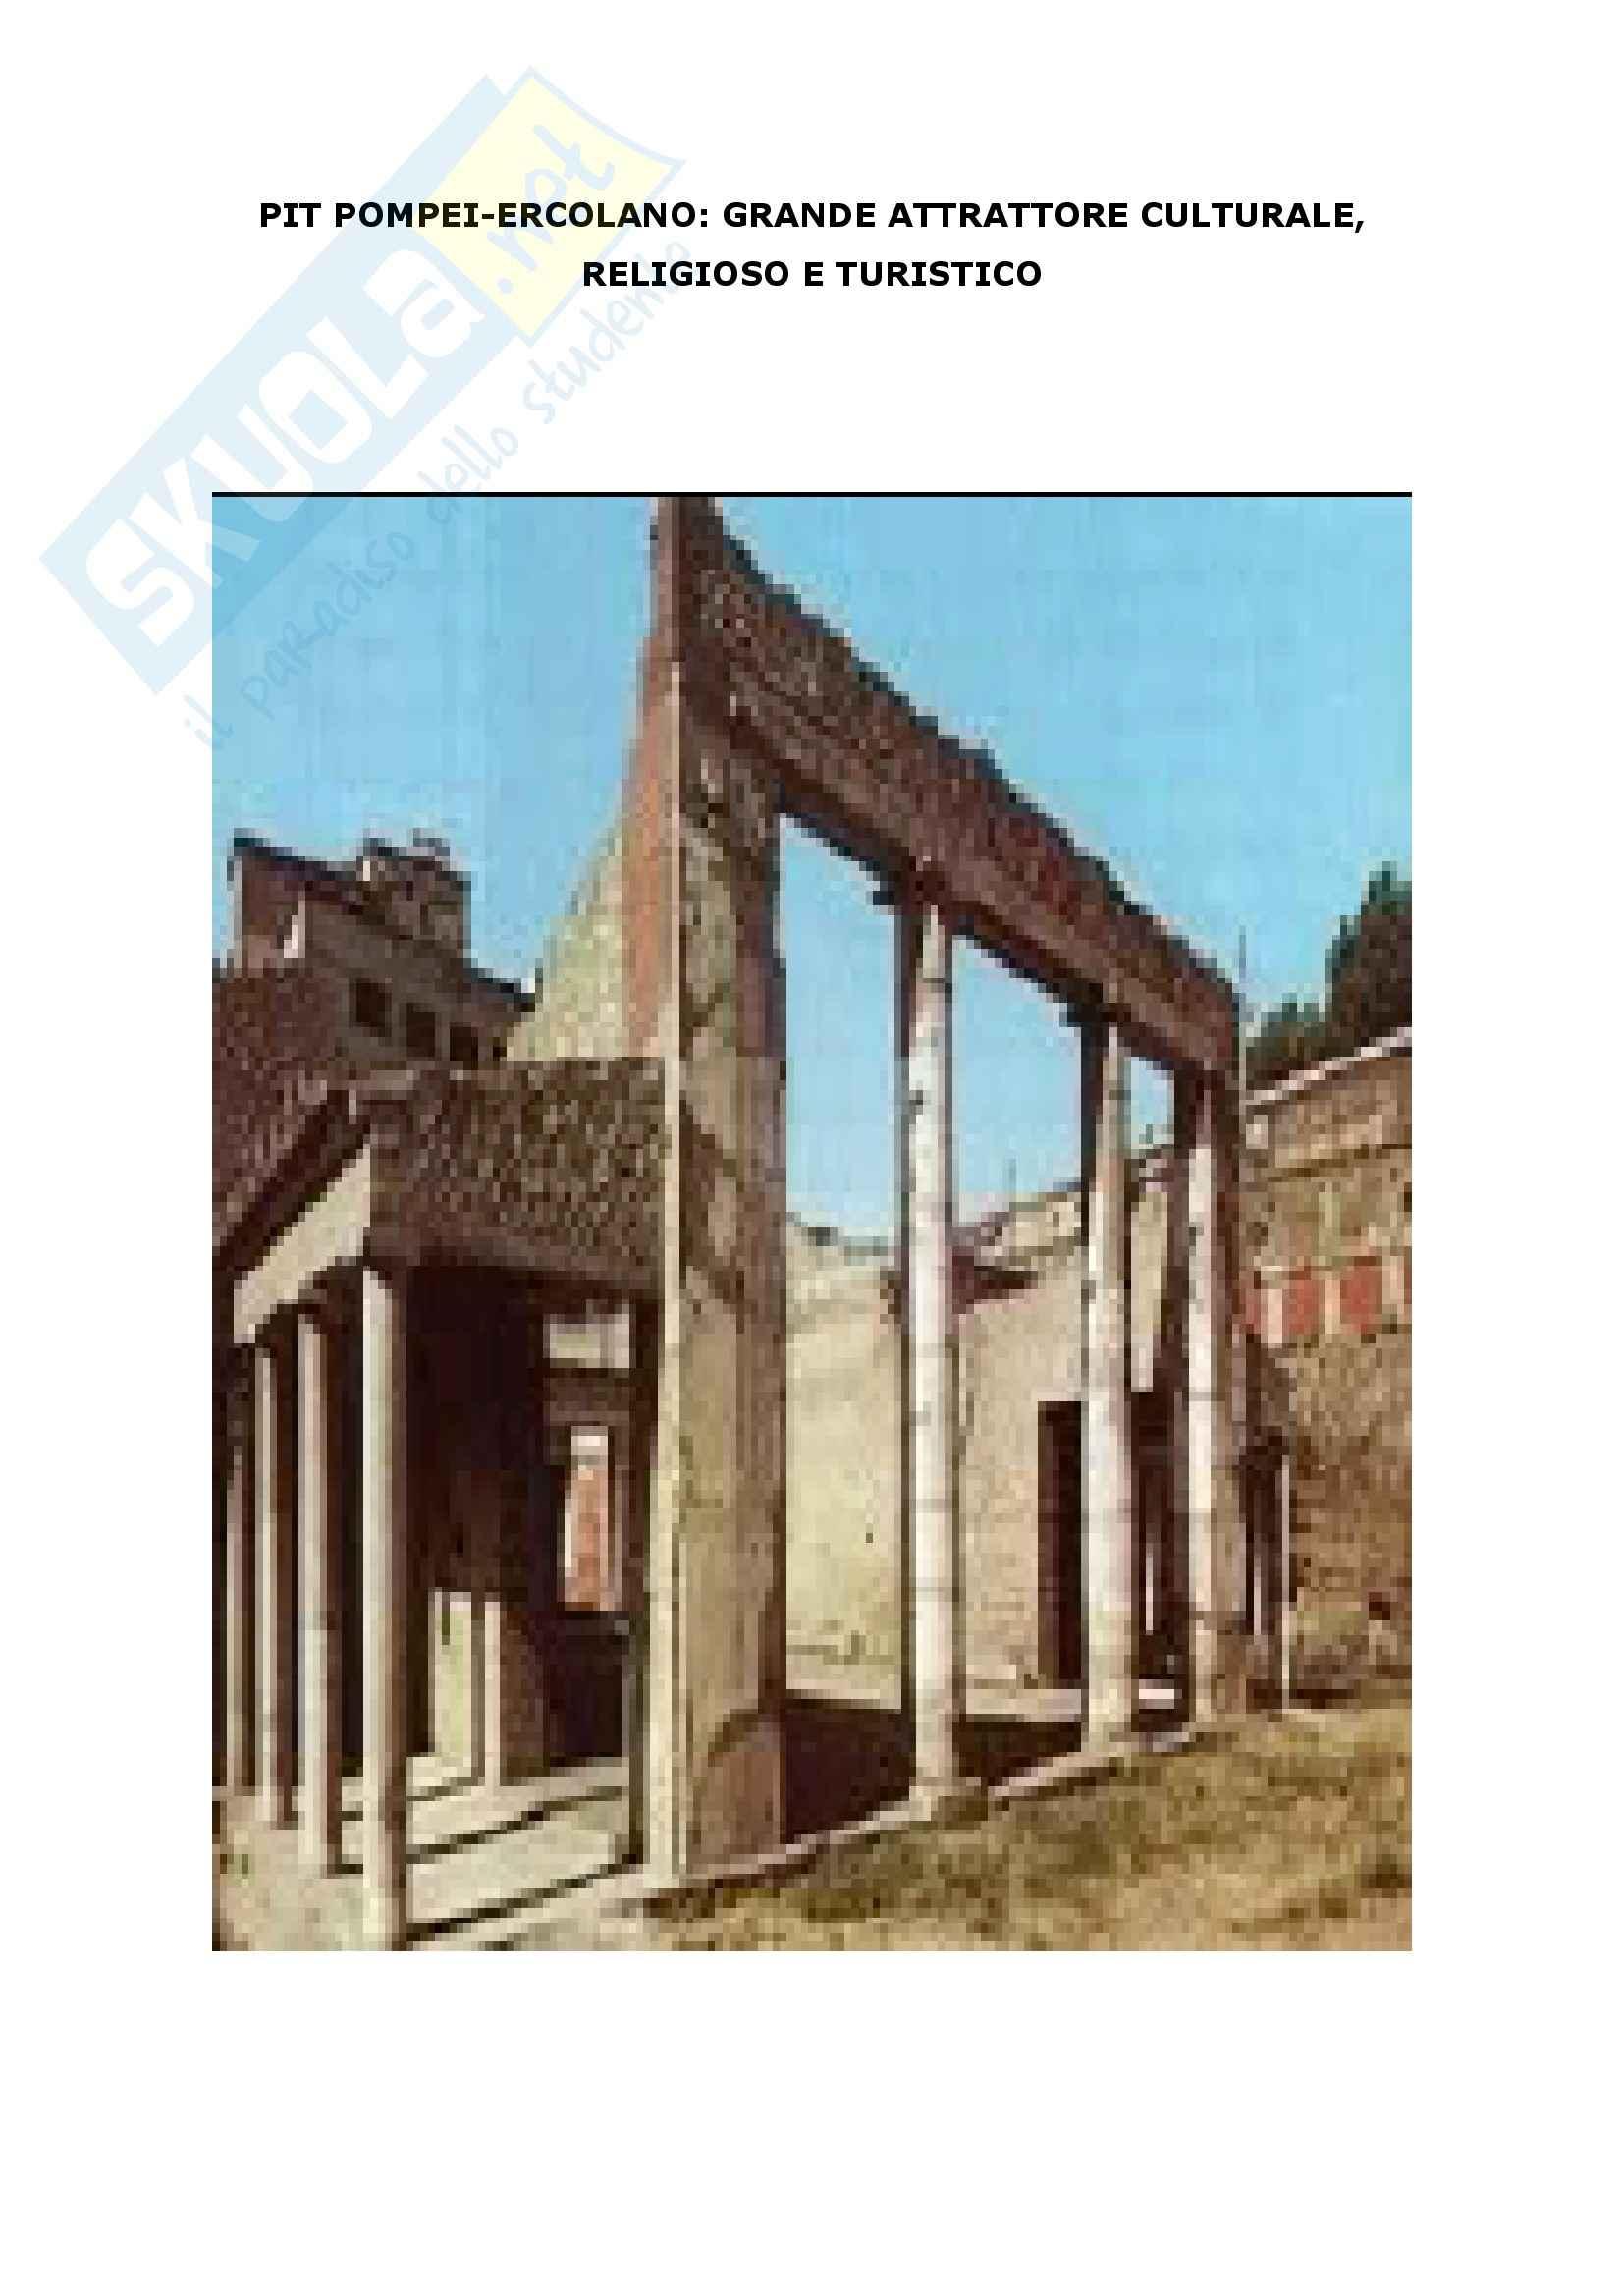 Economia politica - Pit , sistema archeologico